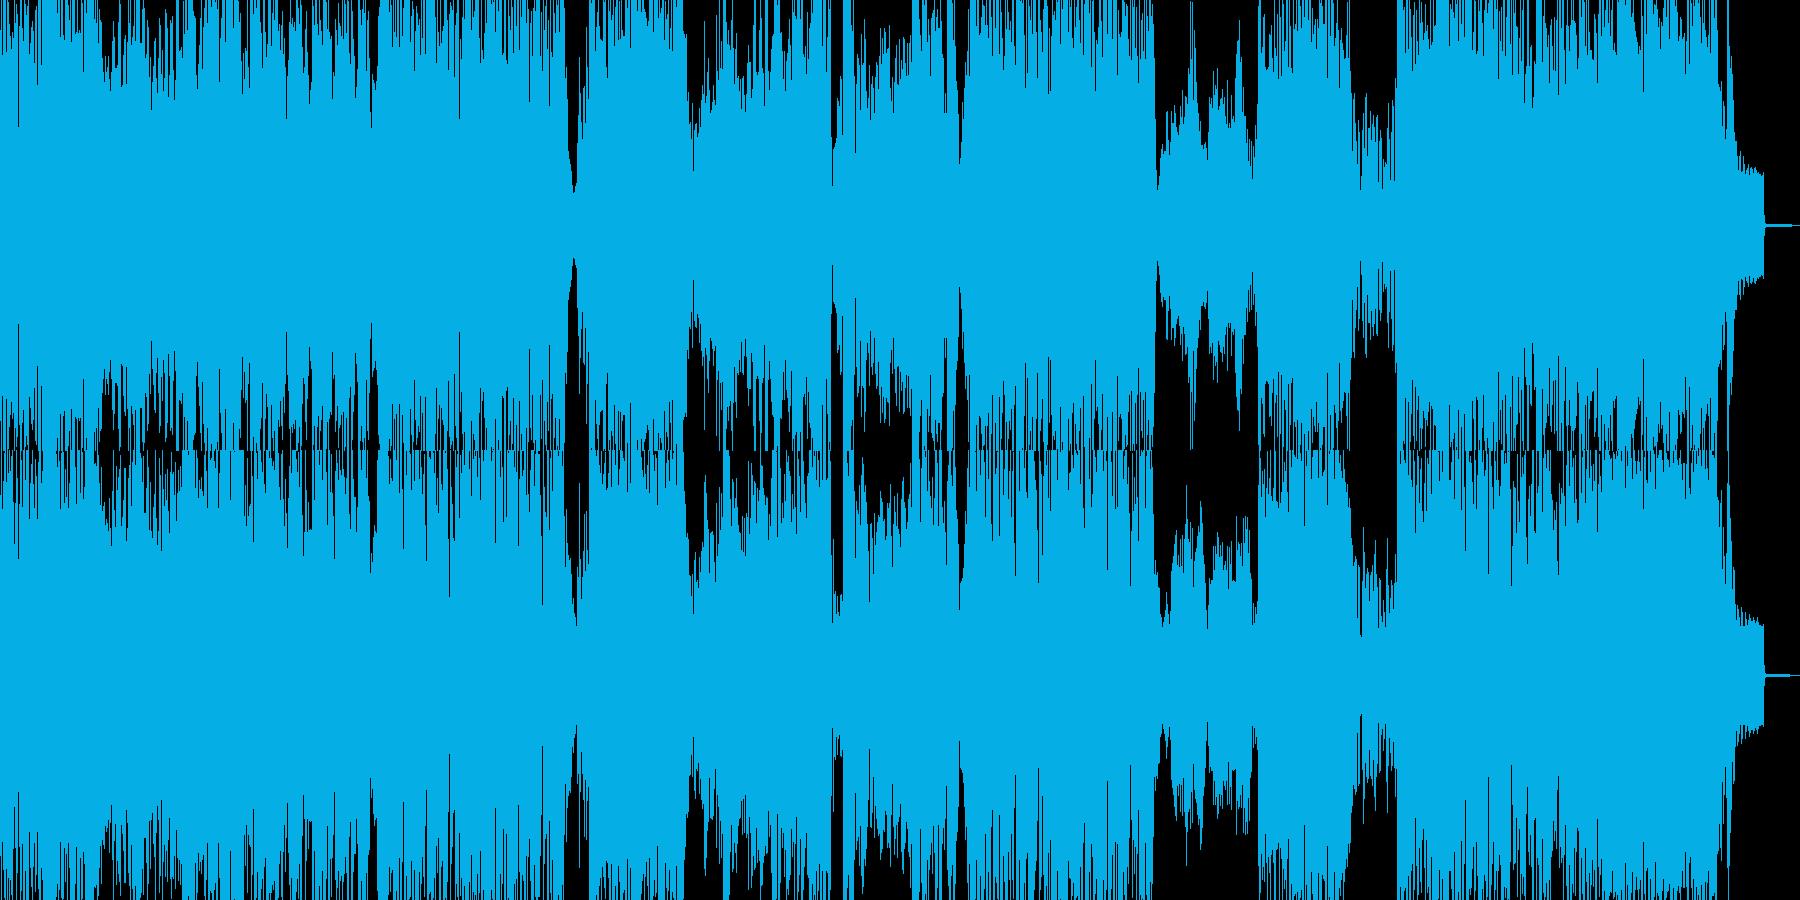 緊急、アシッドテイストなドラムンベースの再生済みの波形